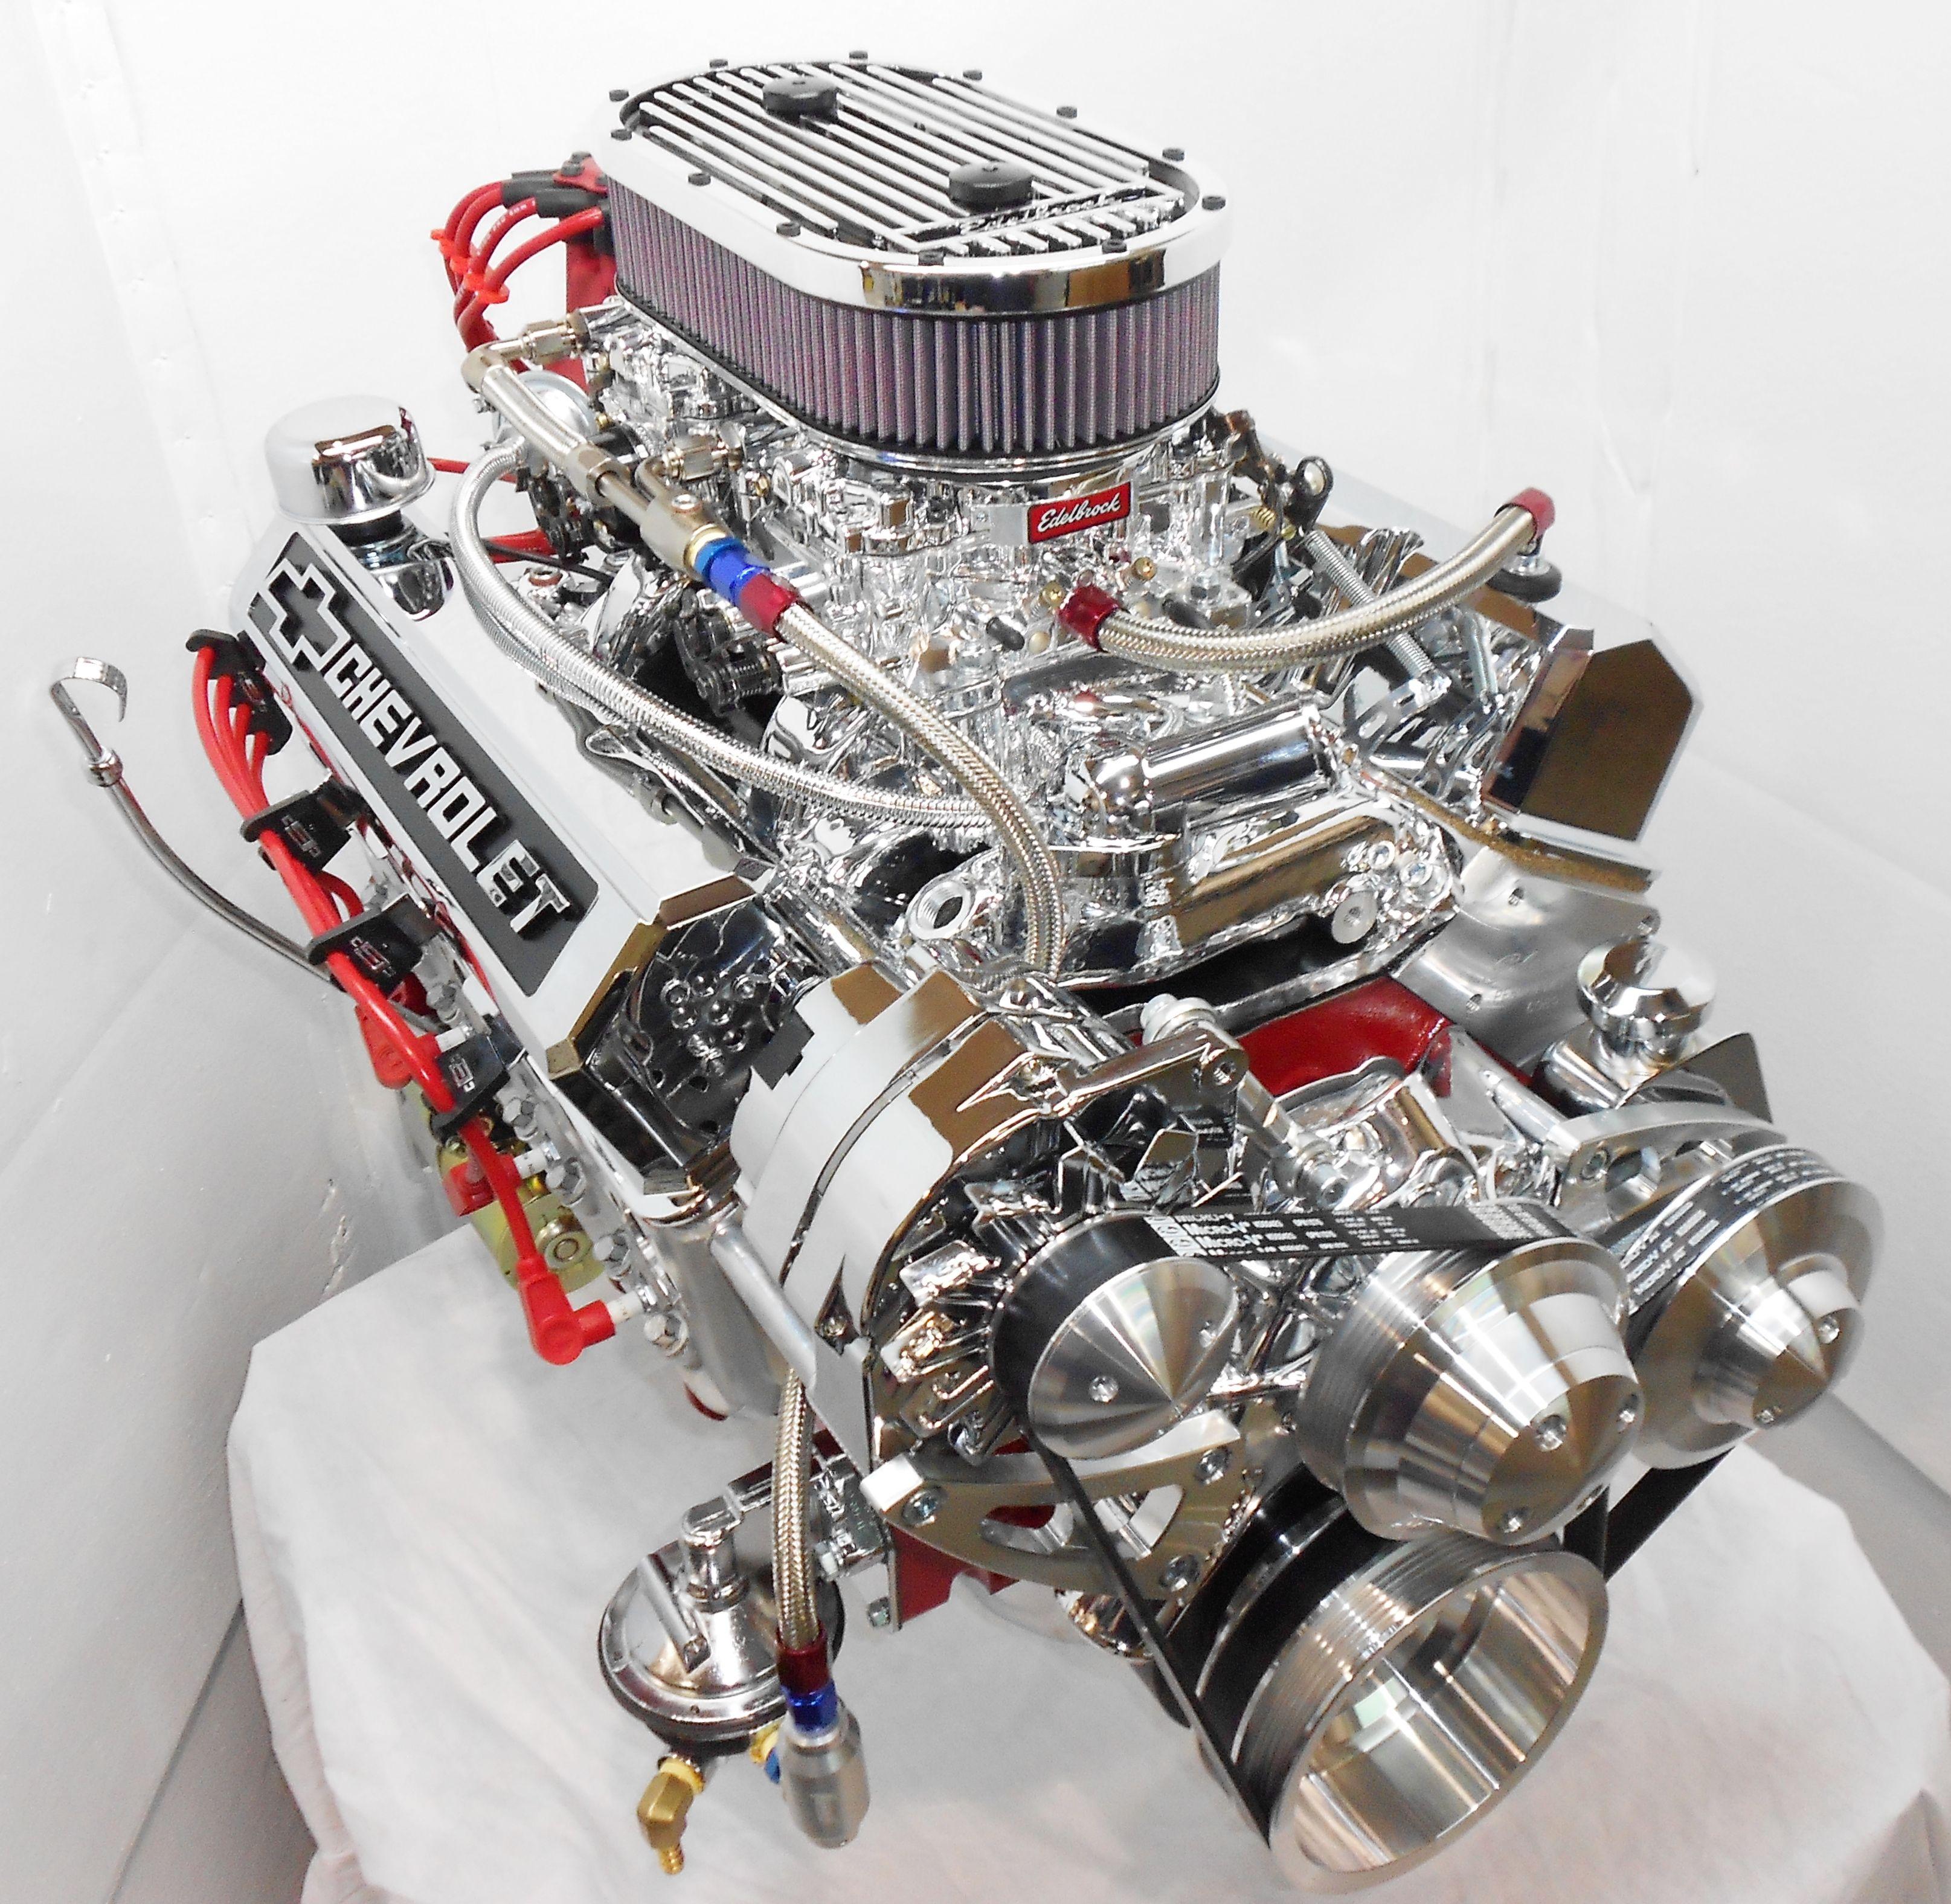 Stroker Motor Definition